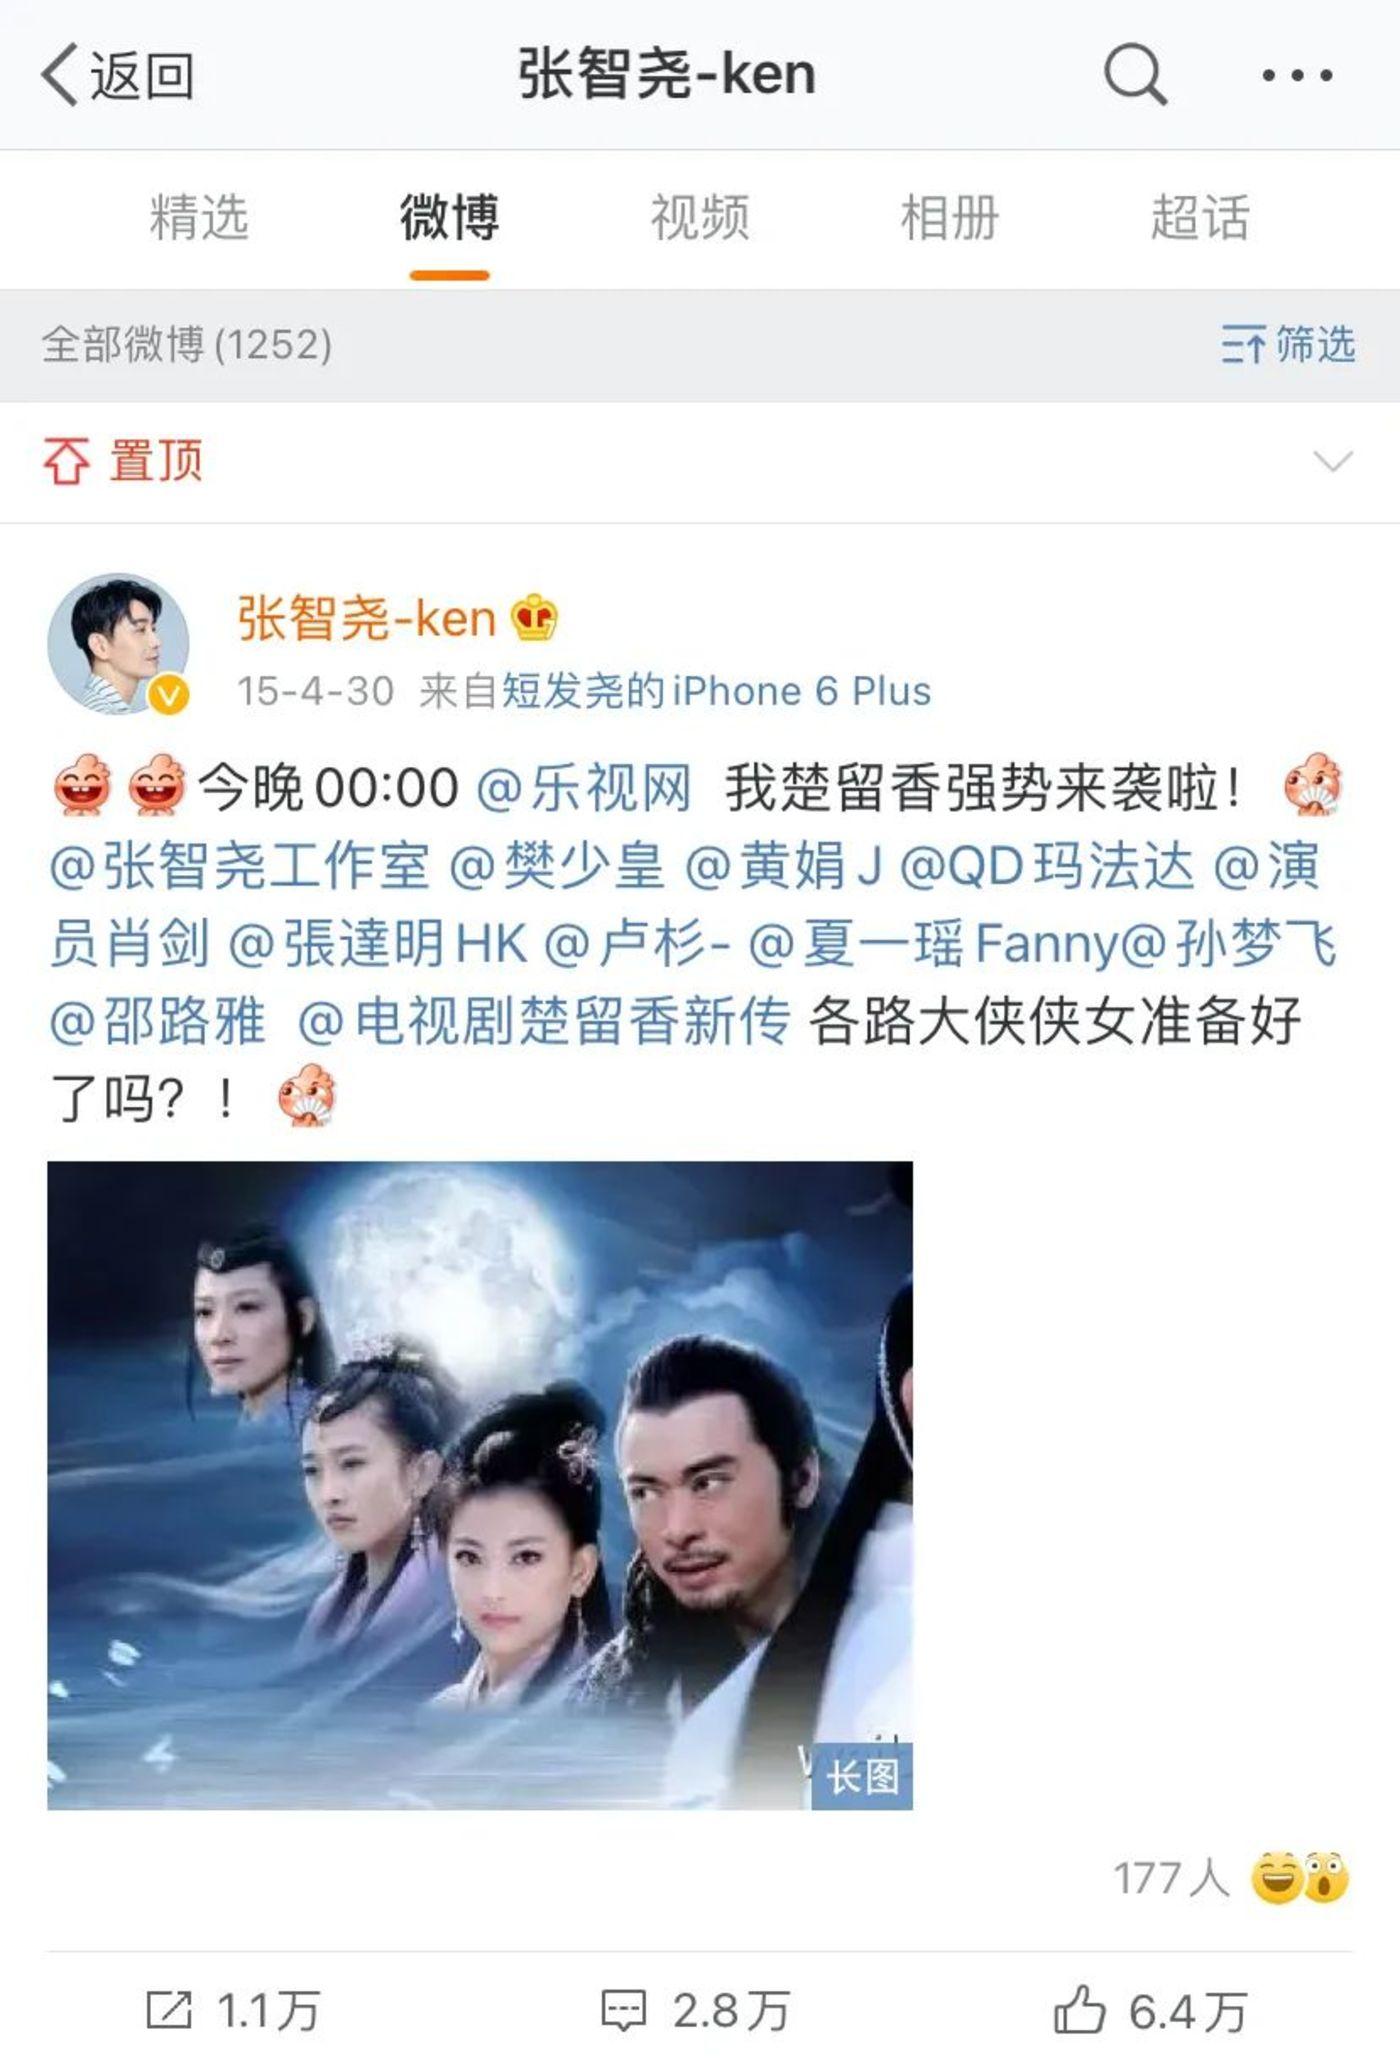 张智尧现在的微博置顶仍然是《楚留香新传》